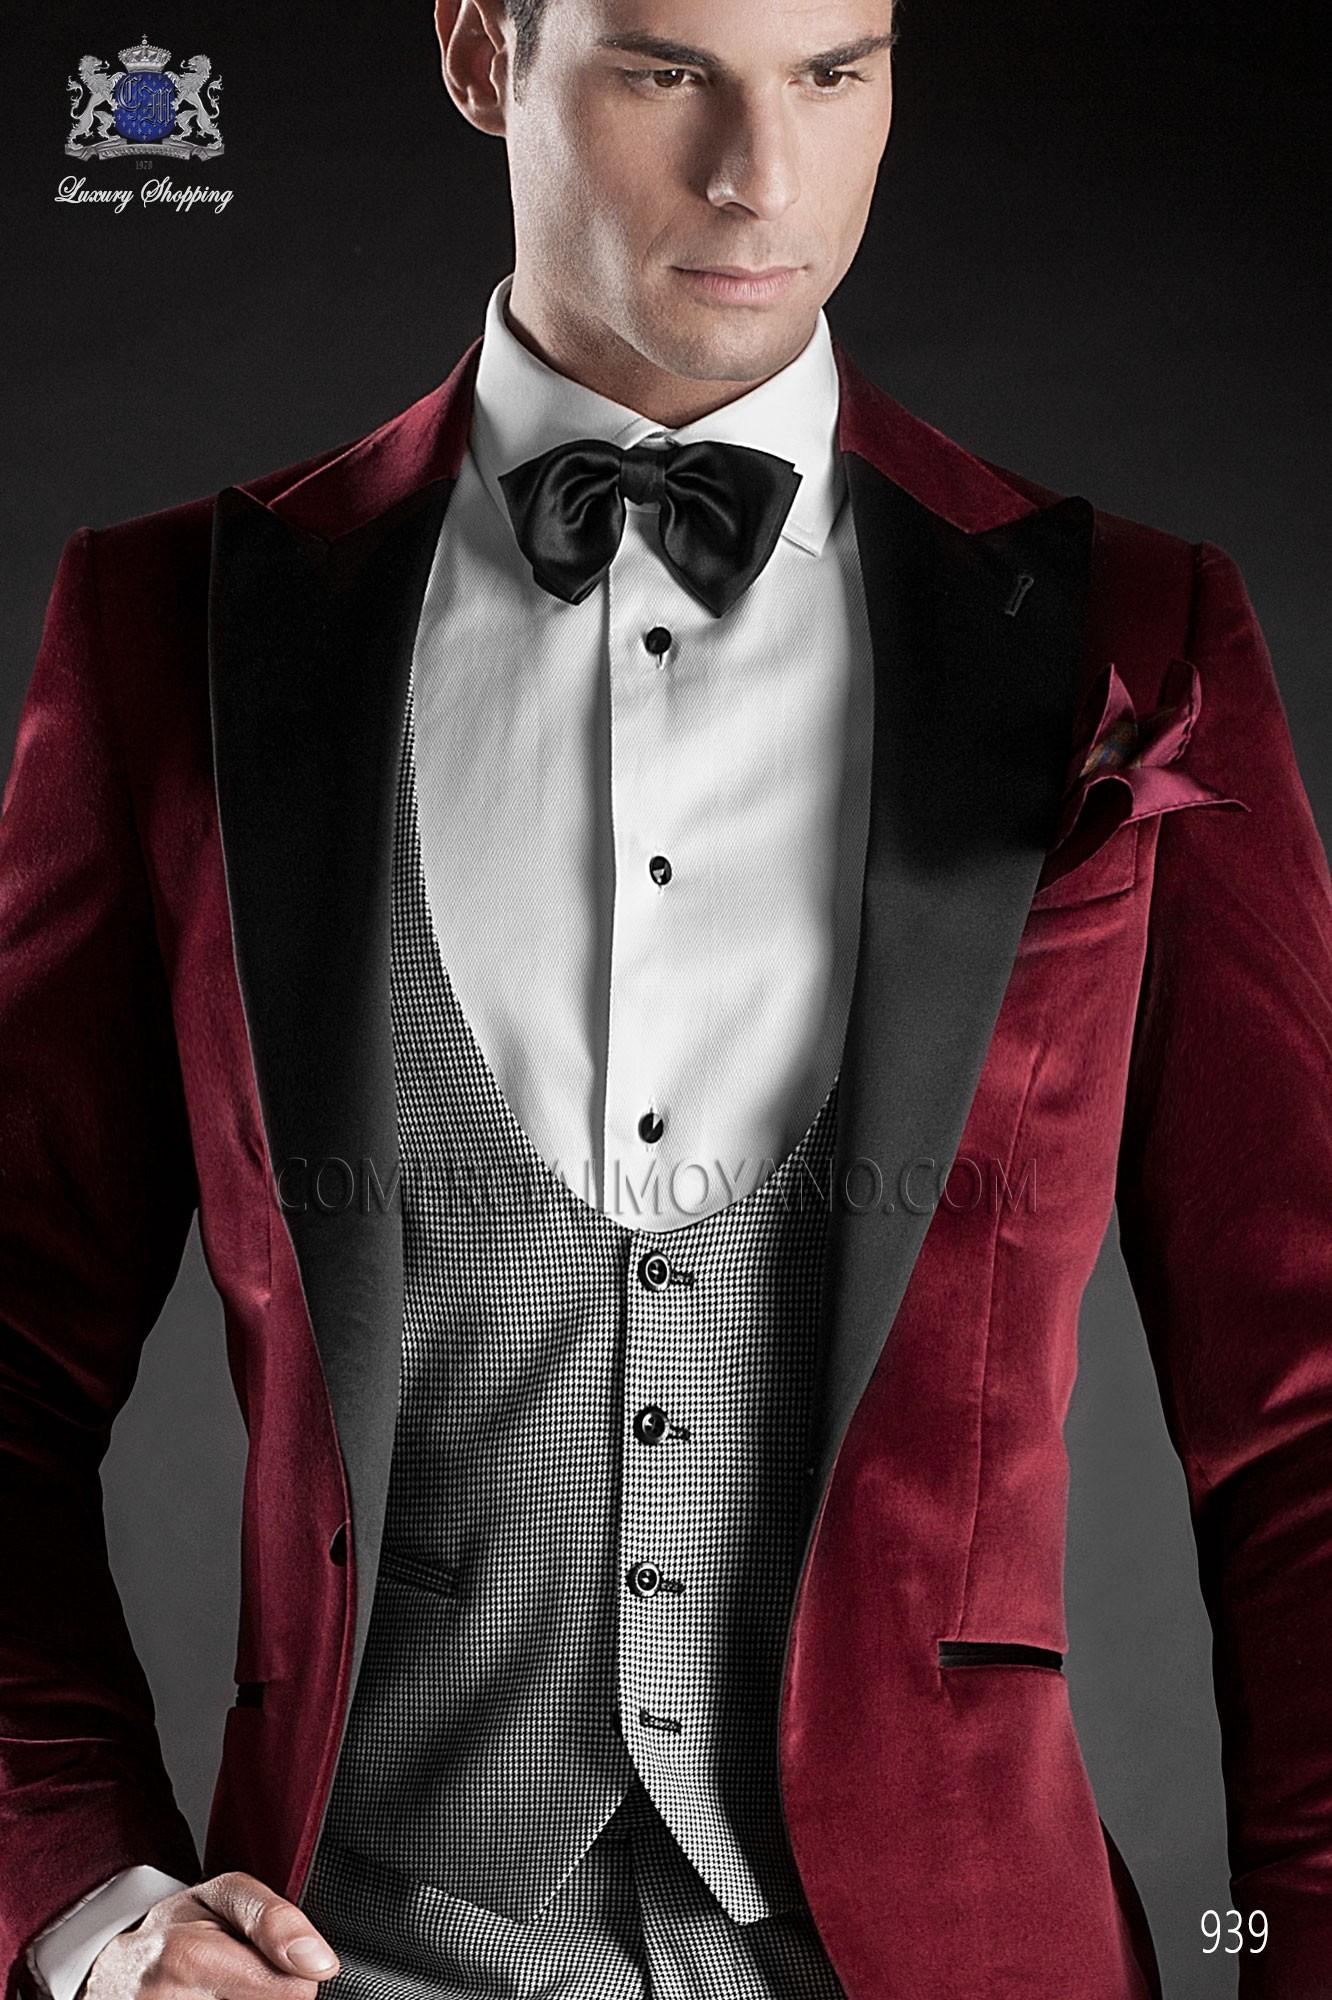 Traje BlackTie de novio rojo modelo: 939 Ottavio Nuccio Gala colección Black Tie